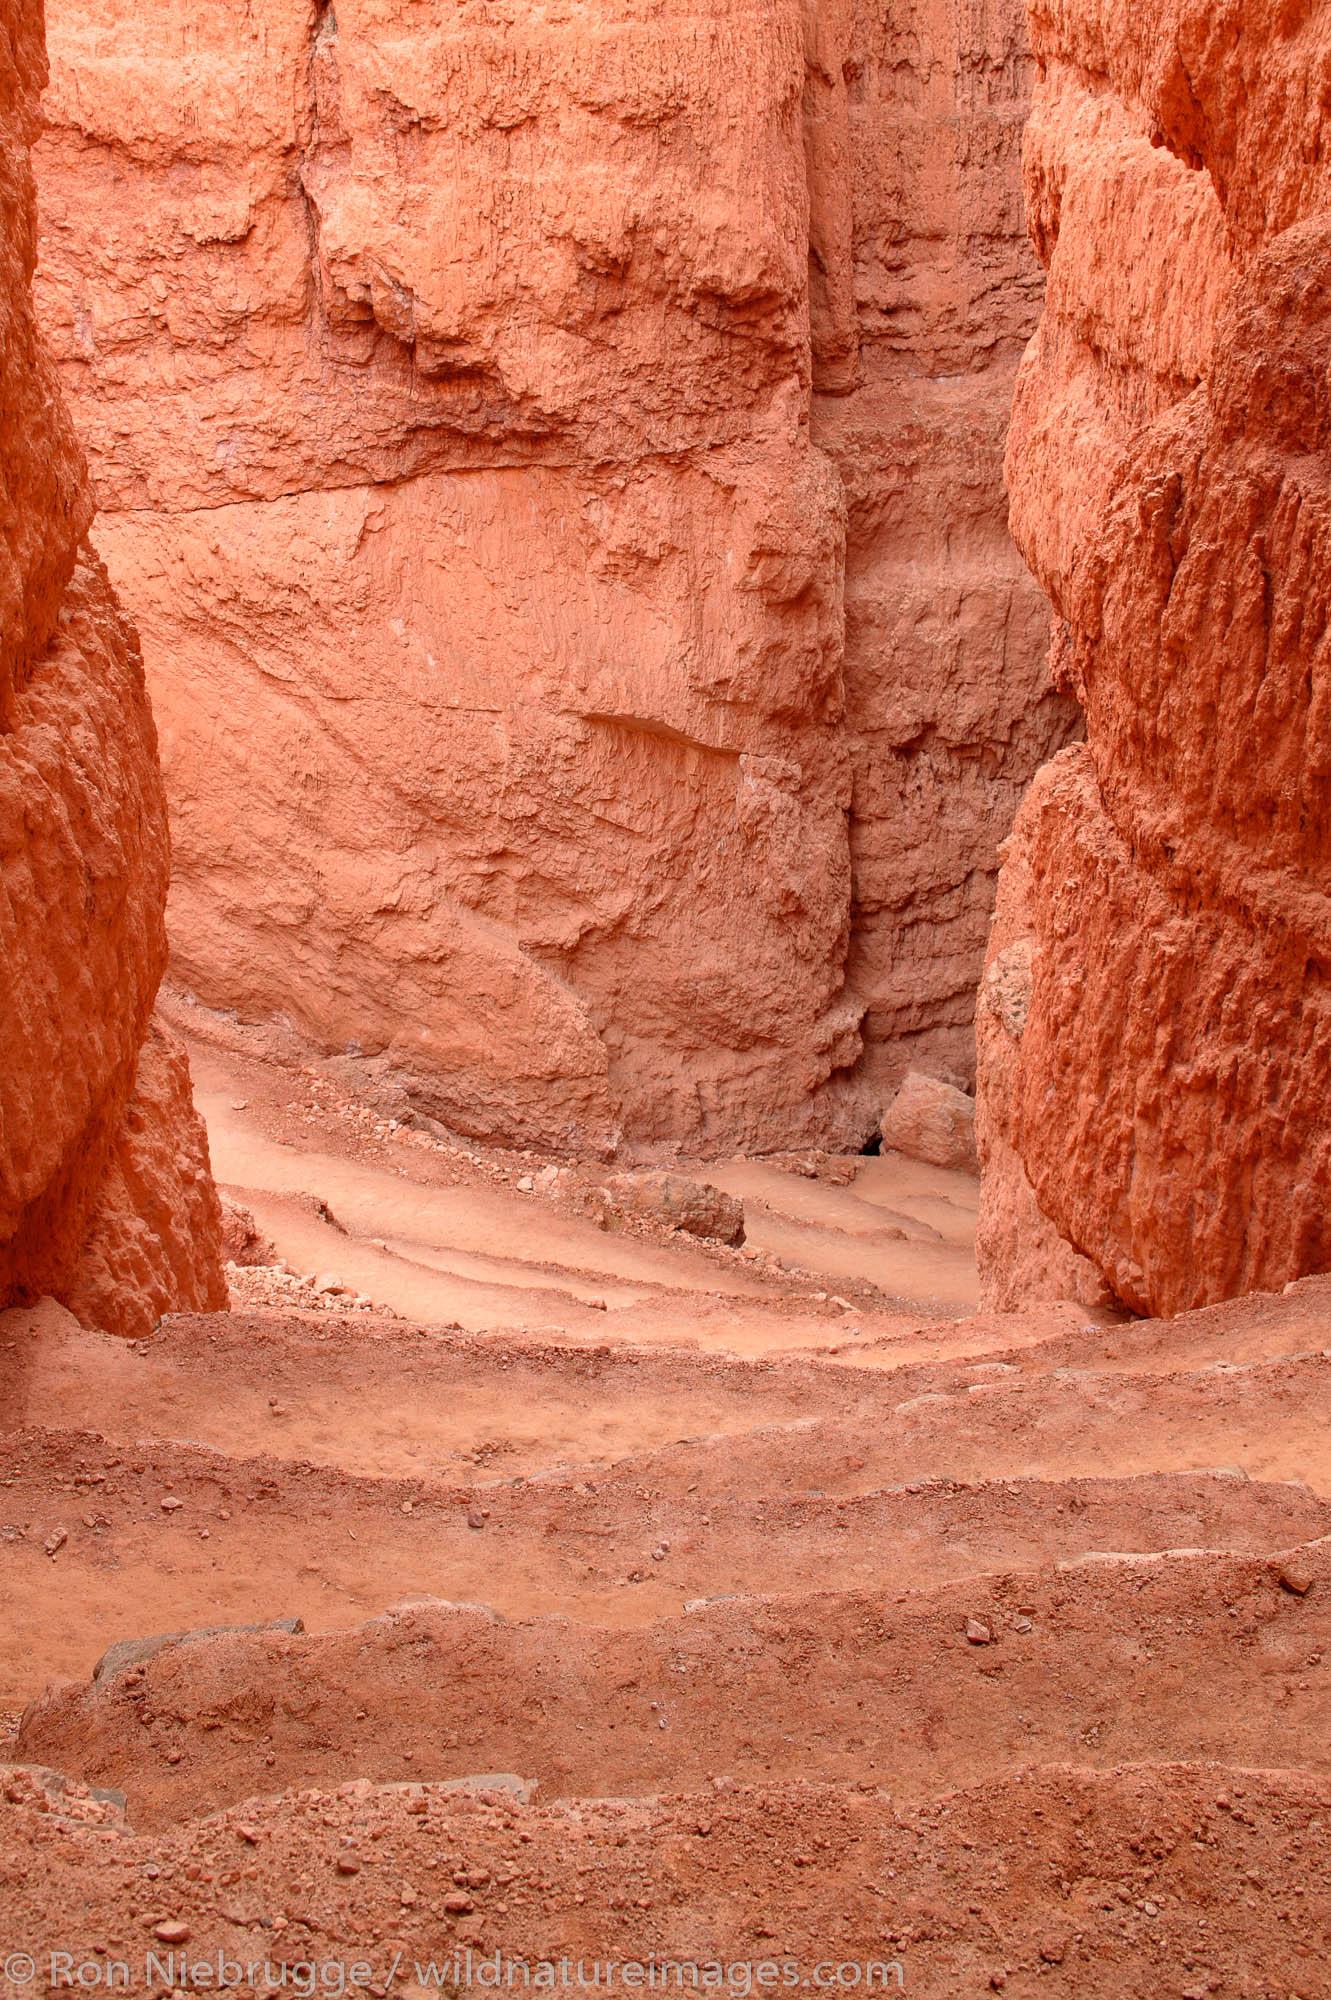 Switchbacks on the Navajo Loop Trail, Bryce National Park, Utah.